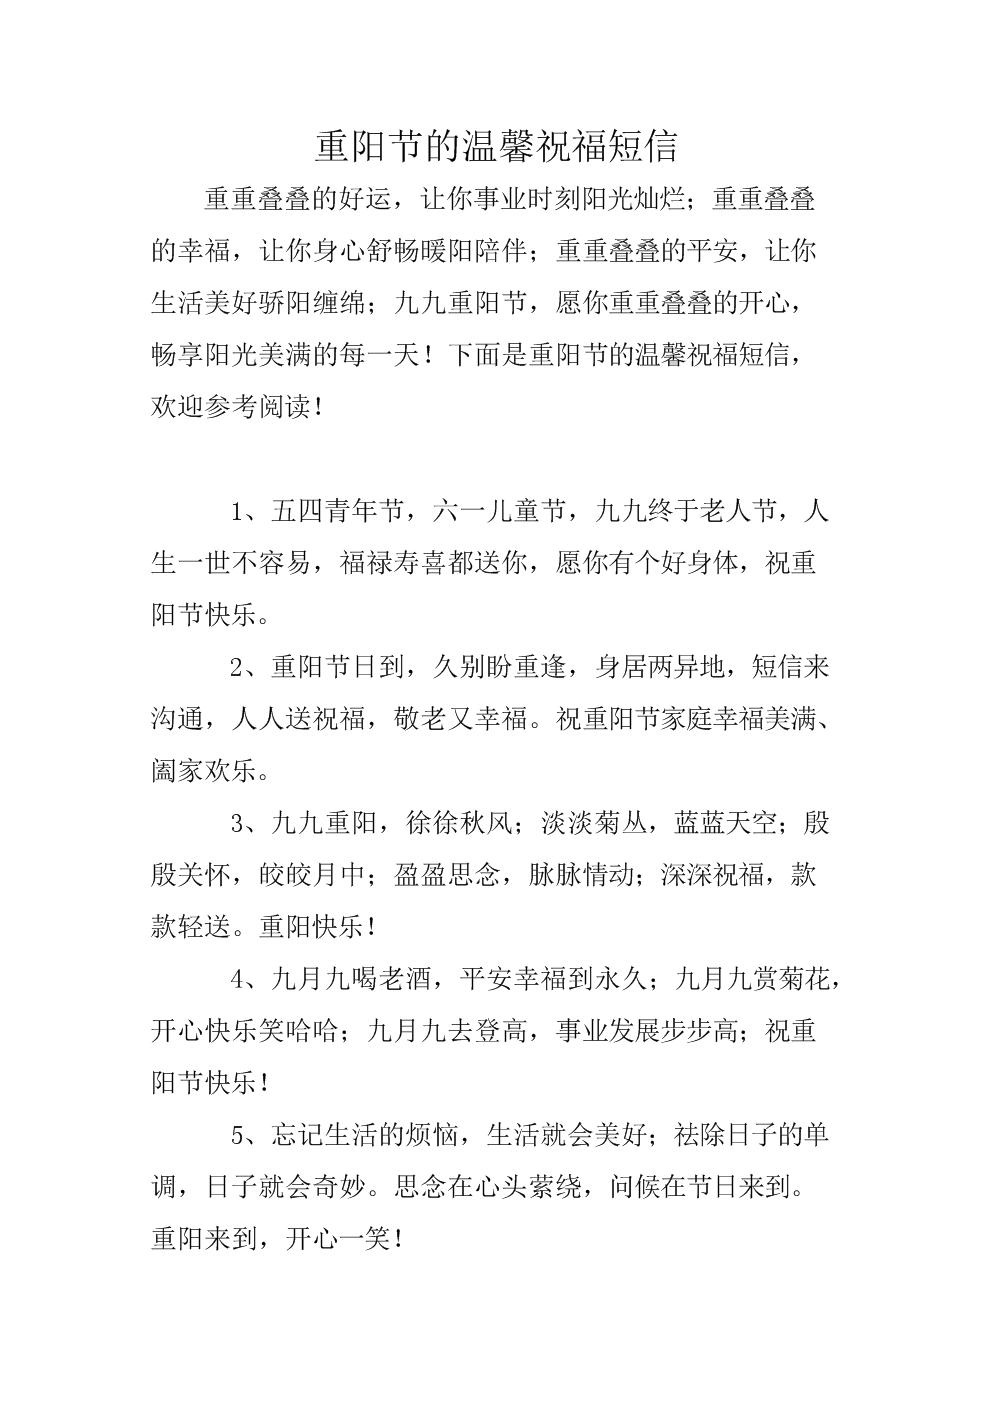 关于重阳节的温馨祝福短信.doc